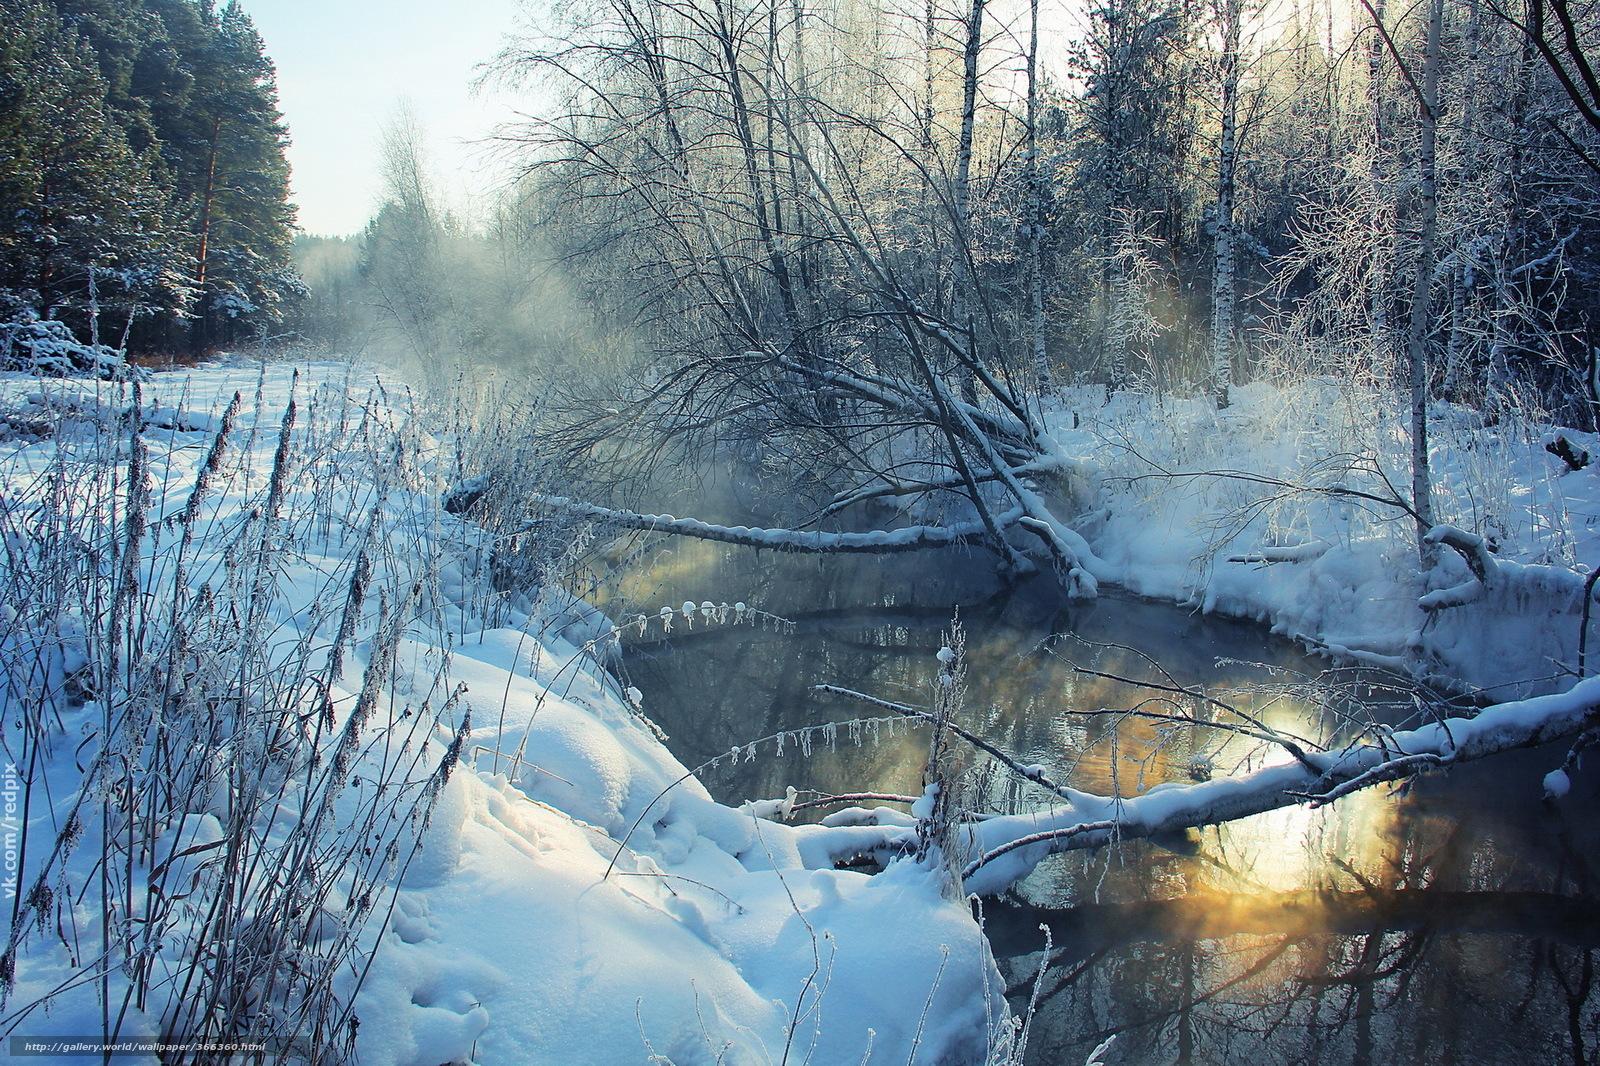 Tlcharger fond d 39 ecran hiver rivire nature paysage for Fond ecran gratuit pour ordinateur hiver